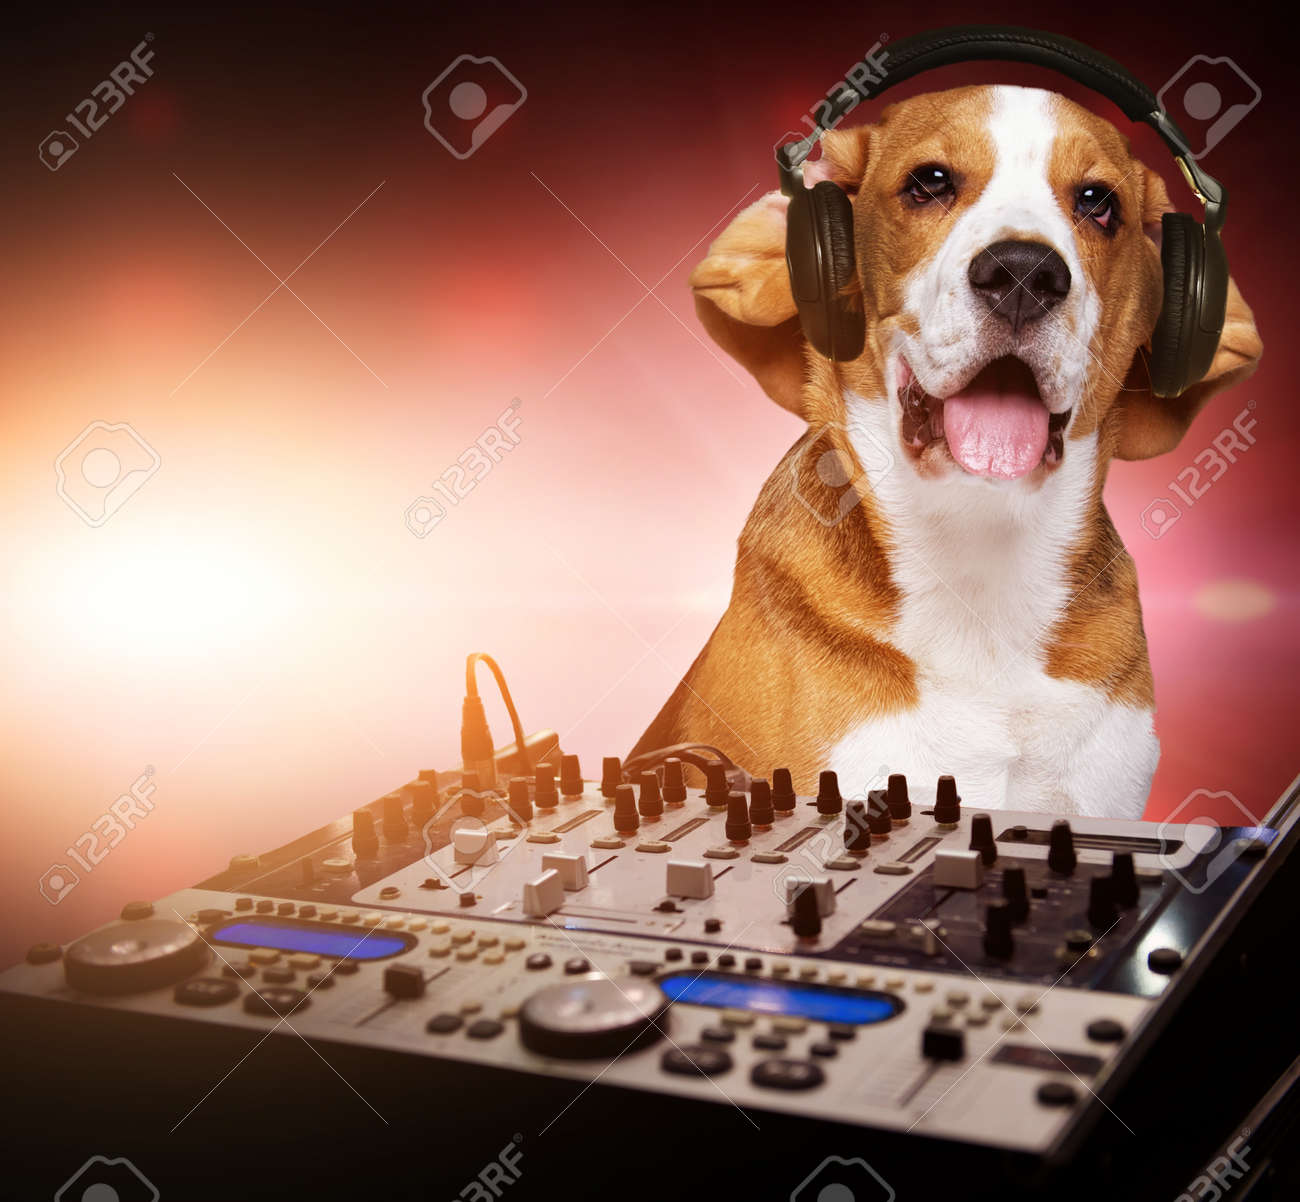 Beagle dog wearing headphones behind DJ mixer. Stock Photo - 12214072